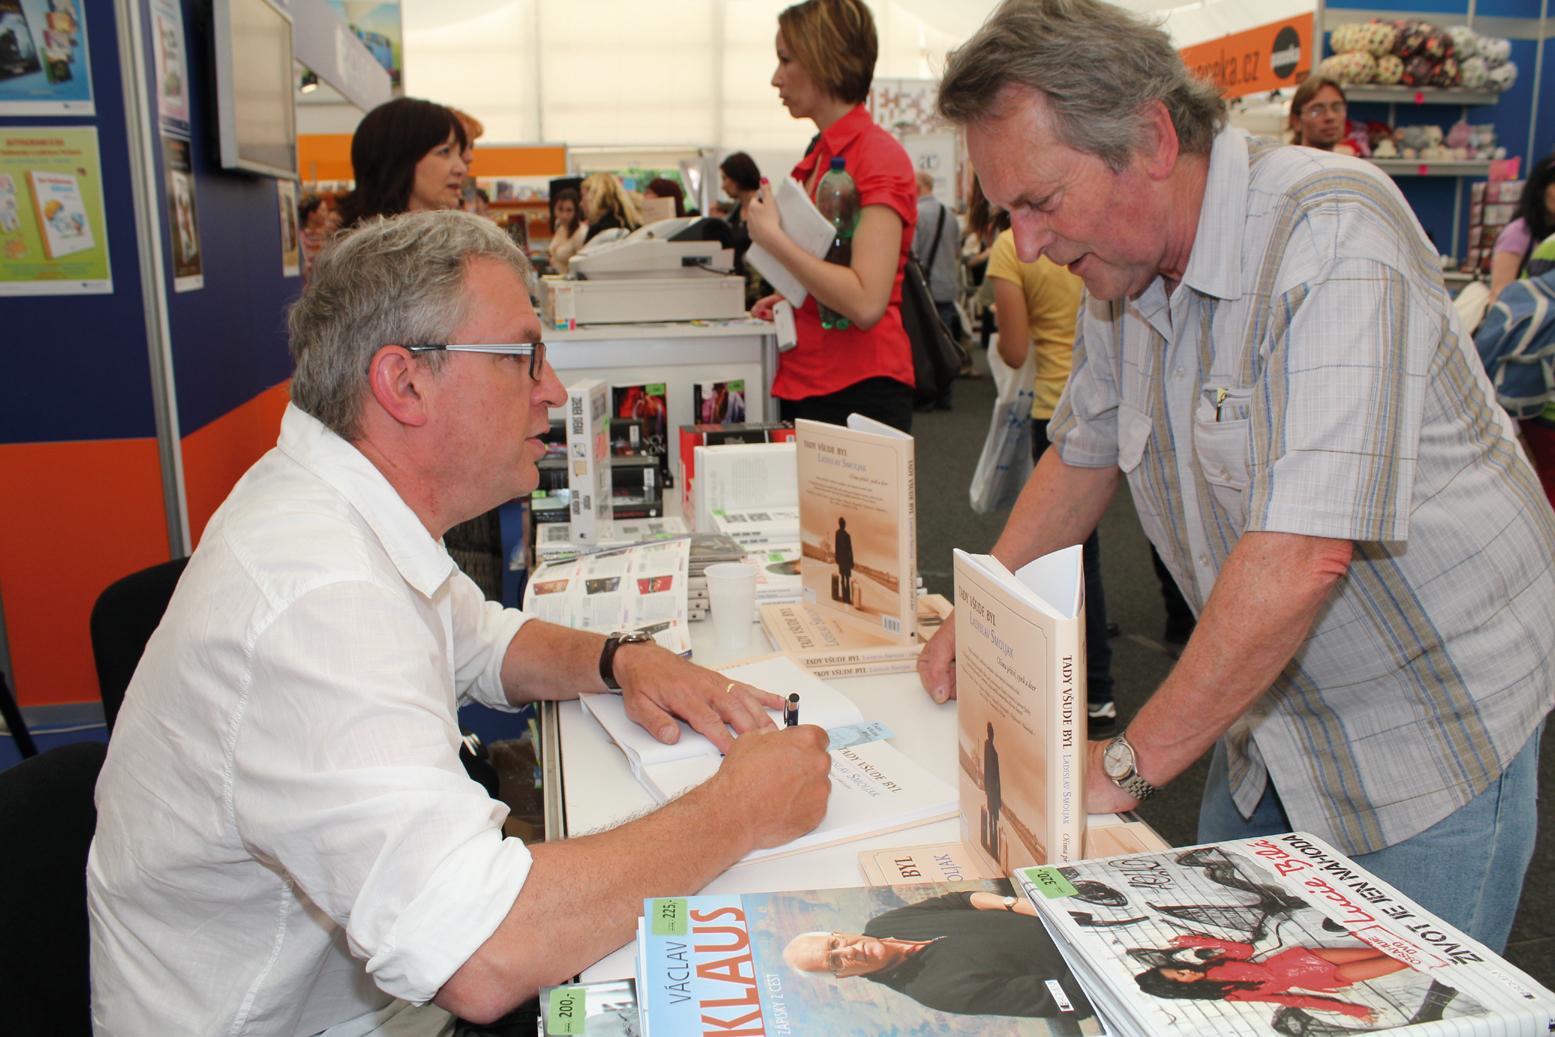 """v pátek 17. května podepisoval DAVID SMOLJAK (obrázek vpravo) knihu o svém otci Ladislavovi """"Tady všude byl"""" z produkce nakladatelství Fragment"""